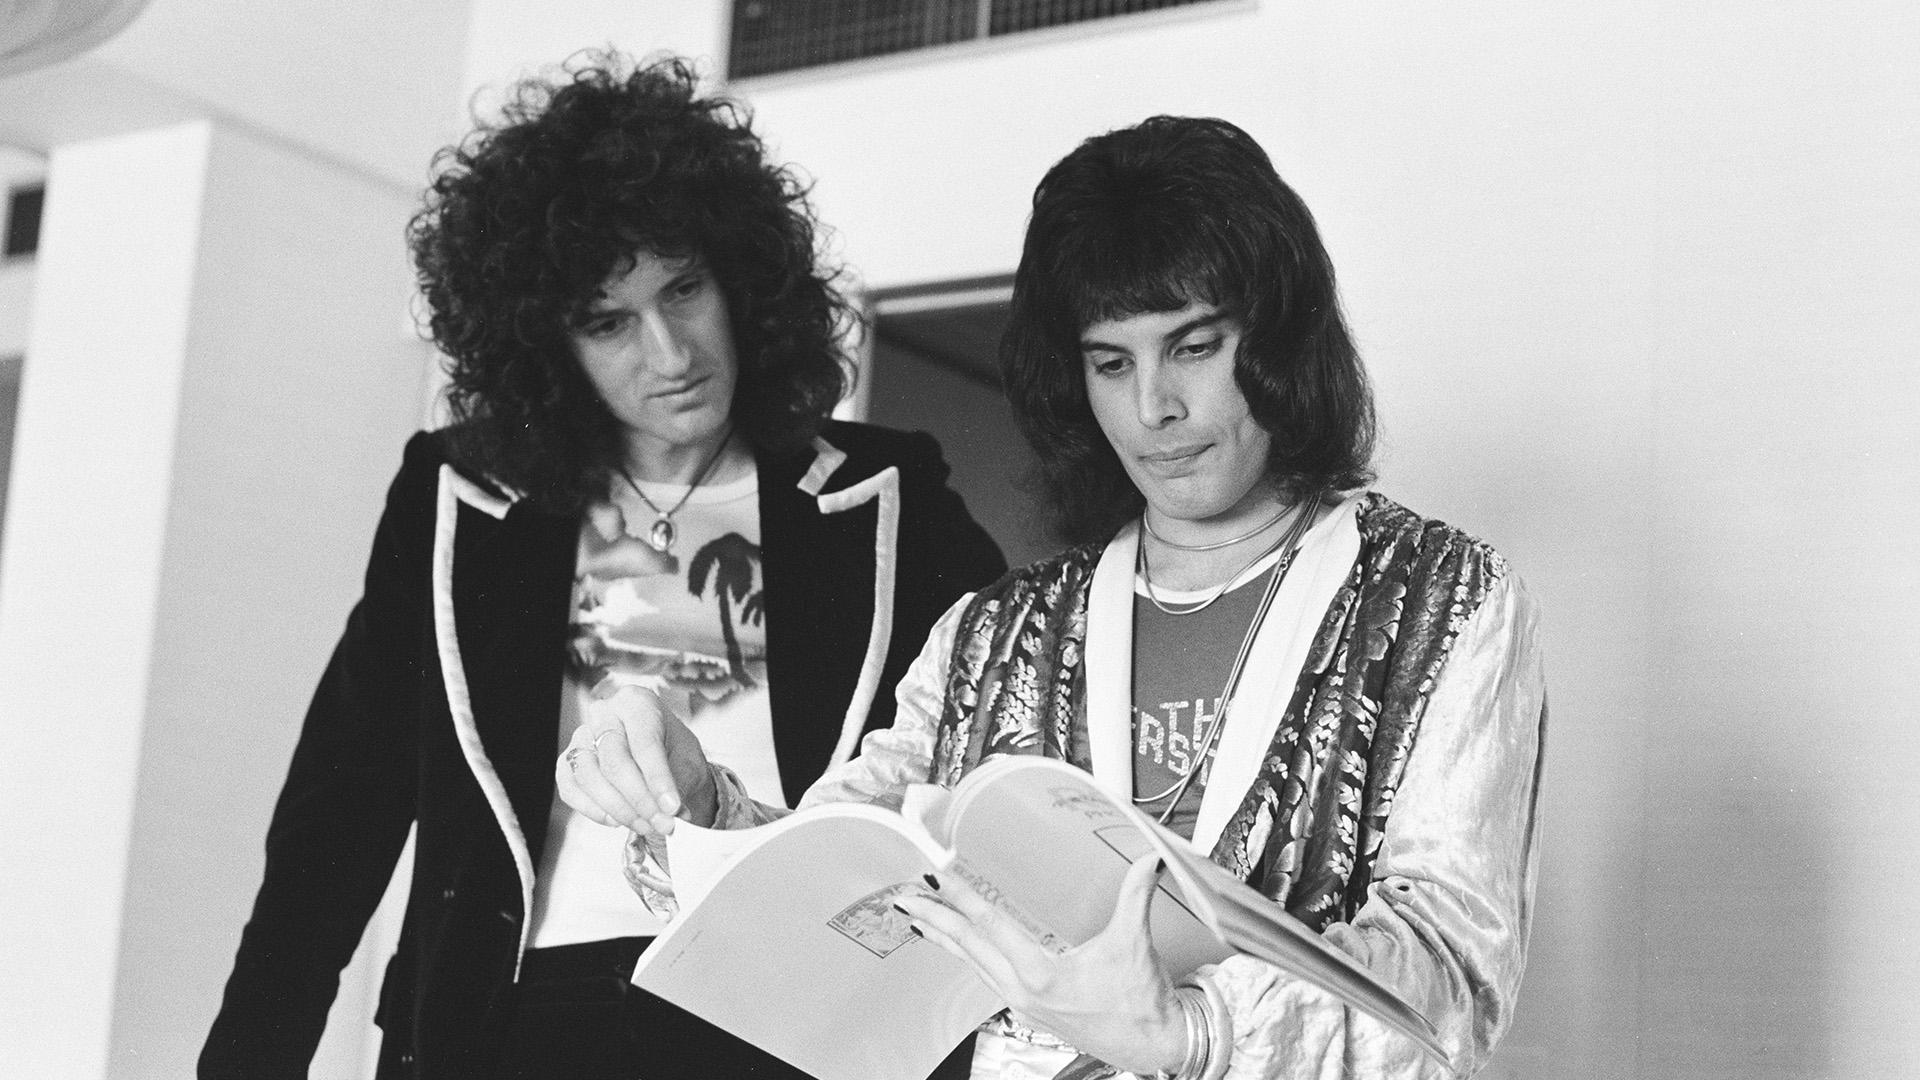 Los 74 de Brian May: la gloria con Queen, la muerte de Freddie Mercury y su  lucha con la depresión - Infobae